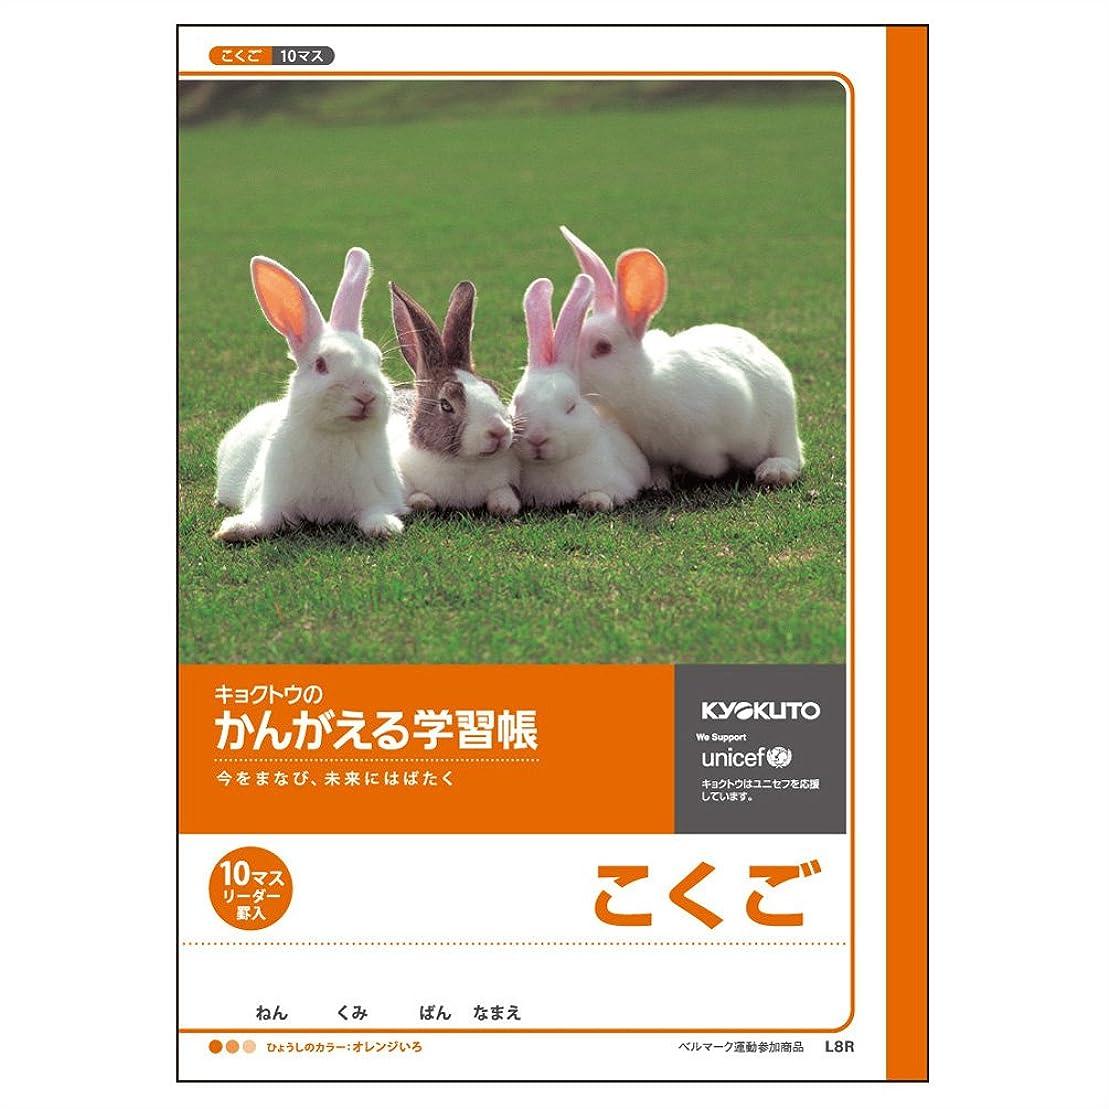 酸っぱい正規化進化キョクトウ かんがえる学習帳 こくご 10マス B5 L8R 10冊